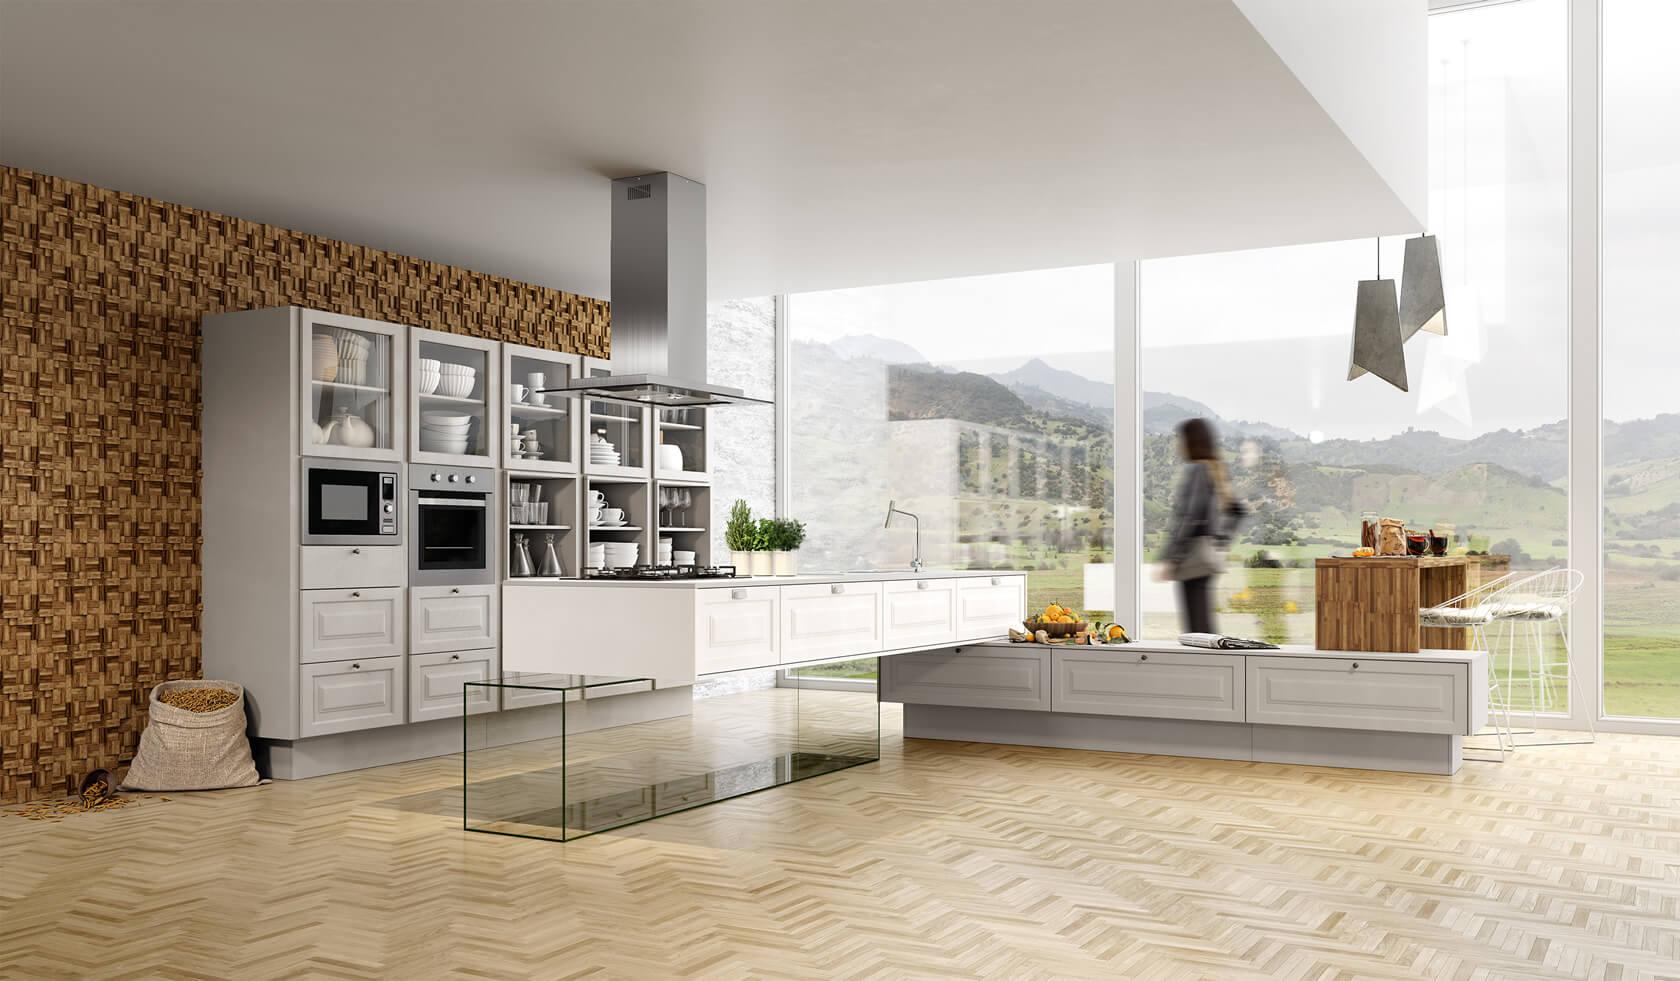 cozinha provençal branco e madeira de luxo com ilha